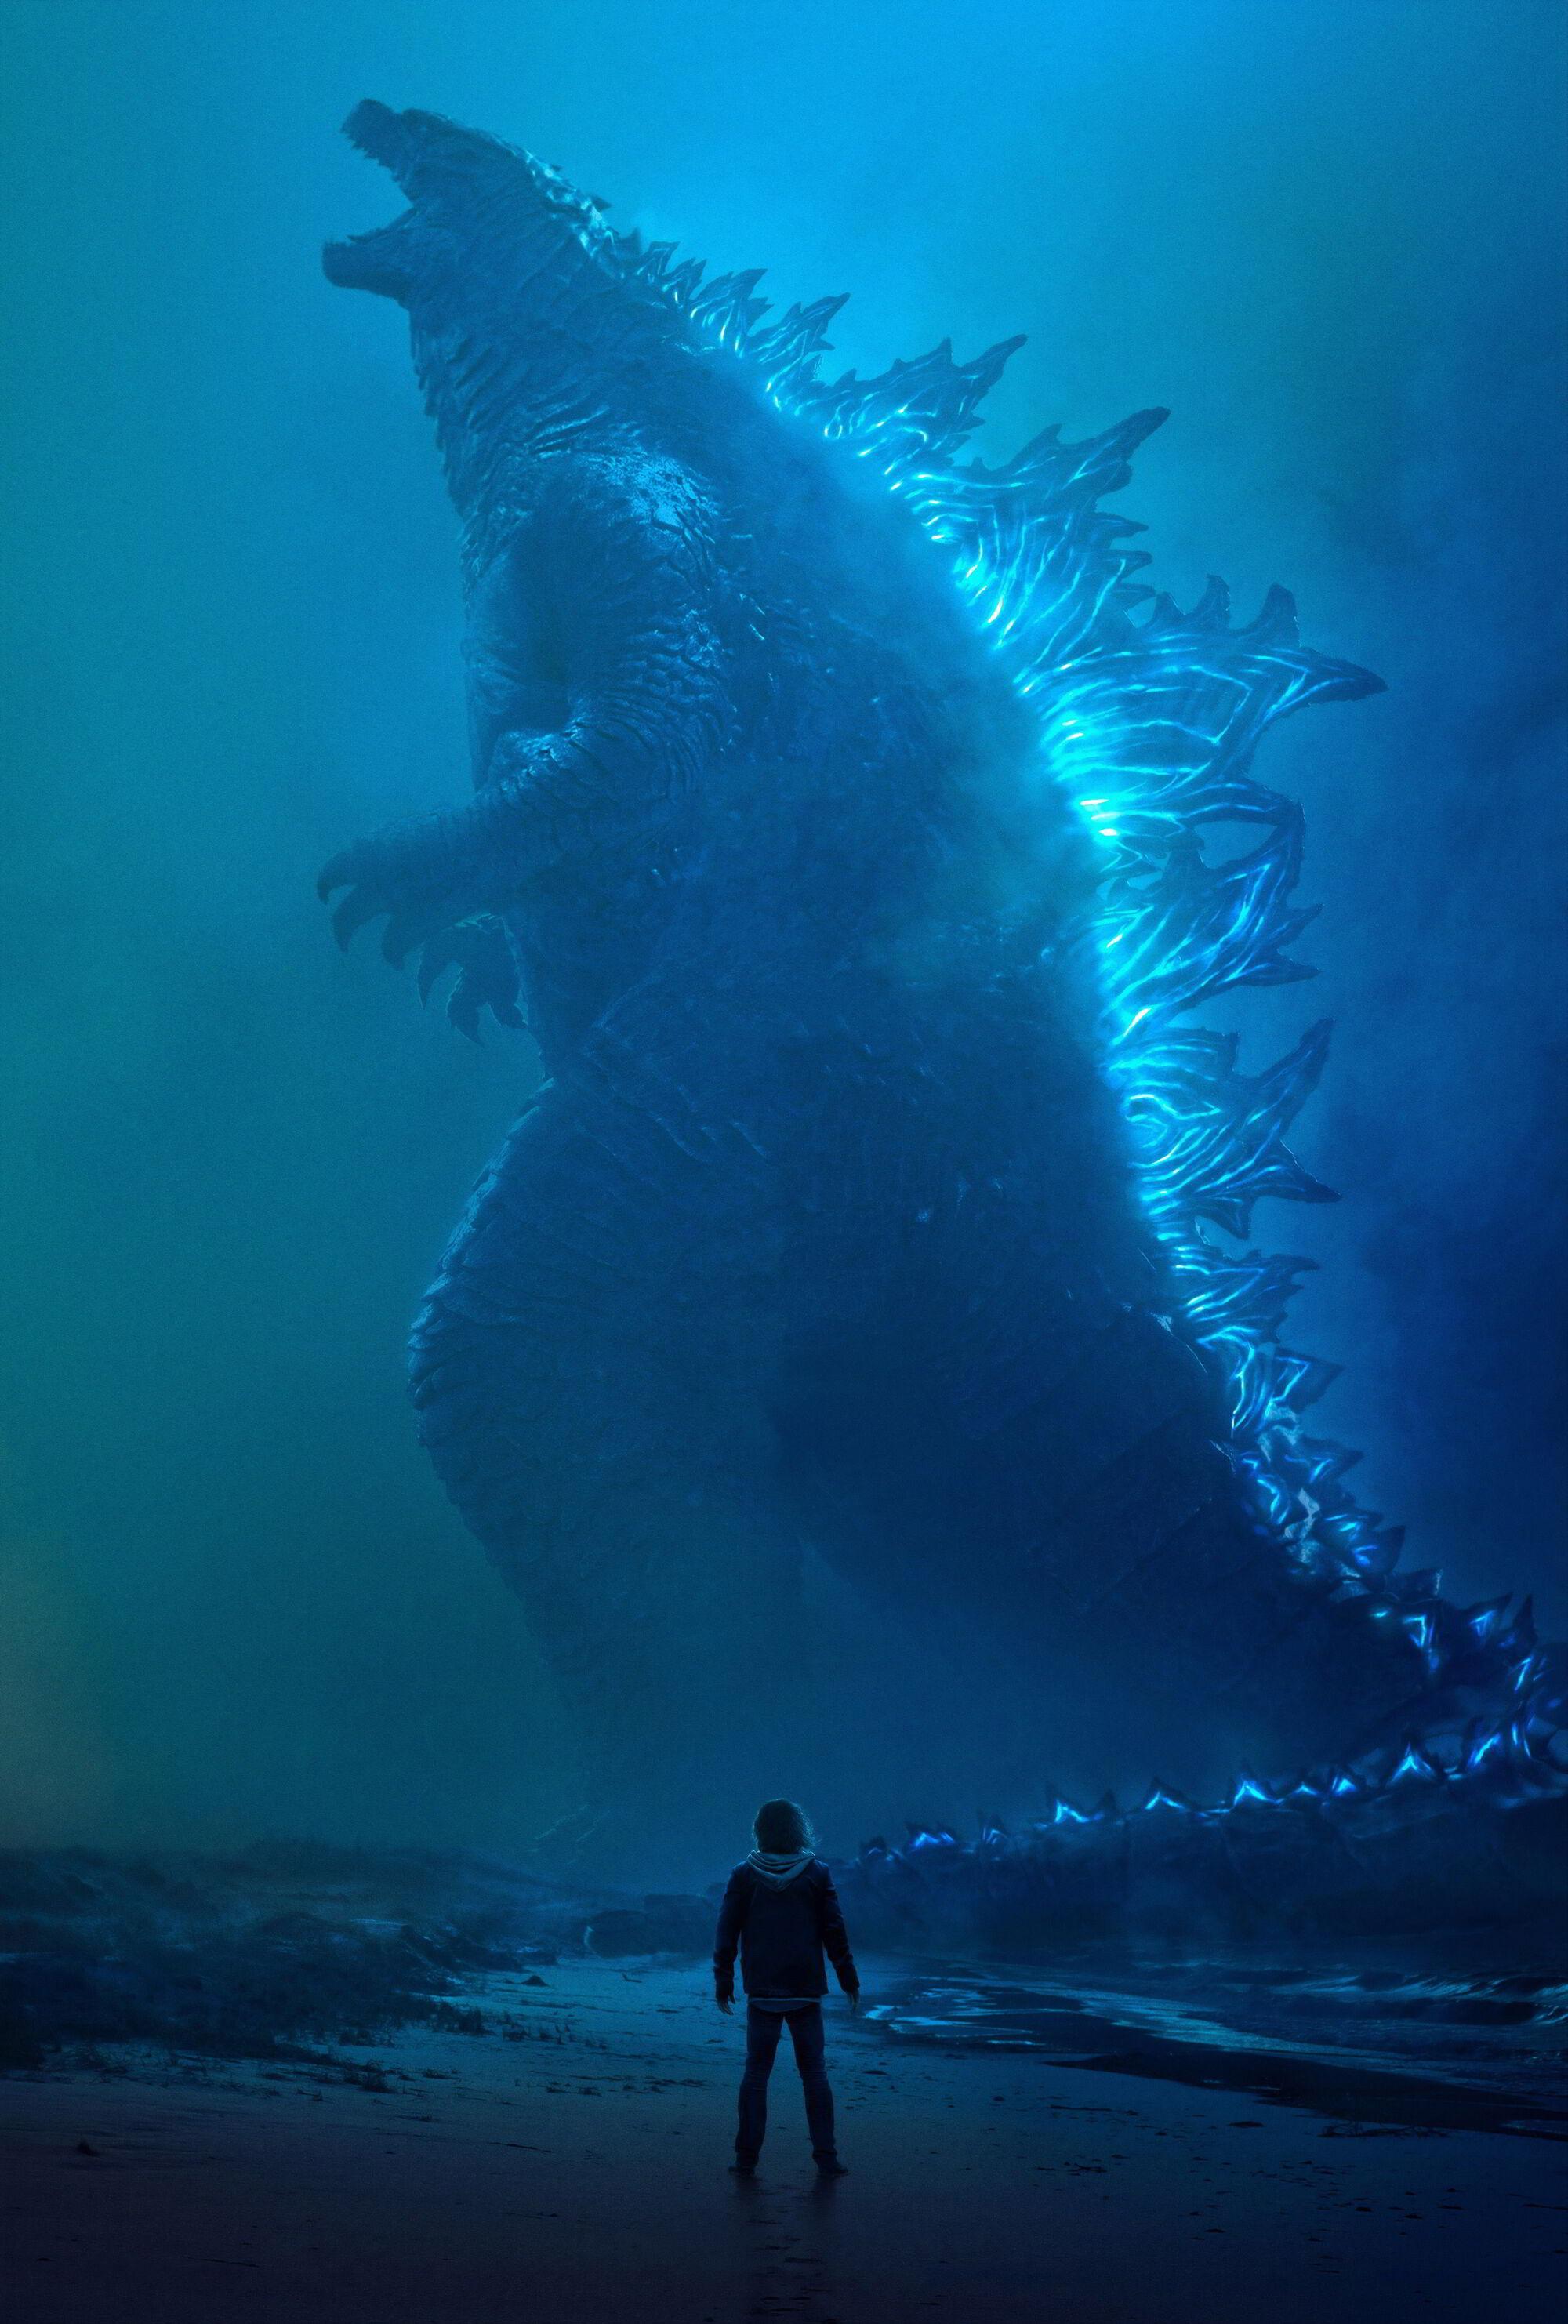 Godzilla (MonsterVerse) | Gojipedia | FANDOM powered by Wikia